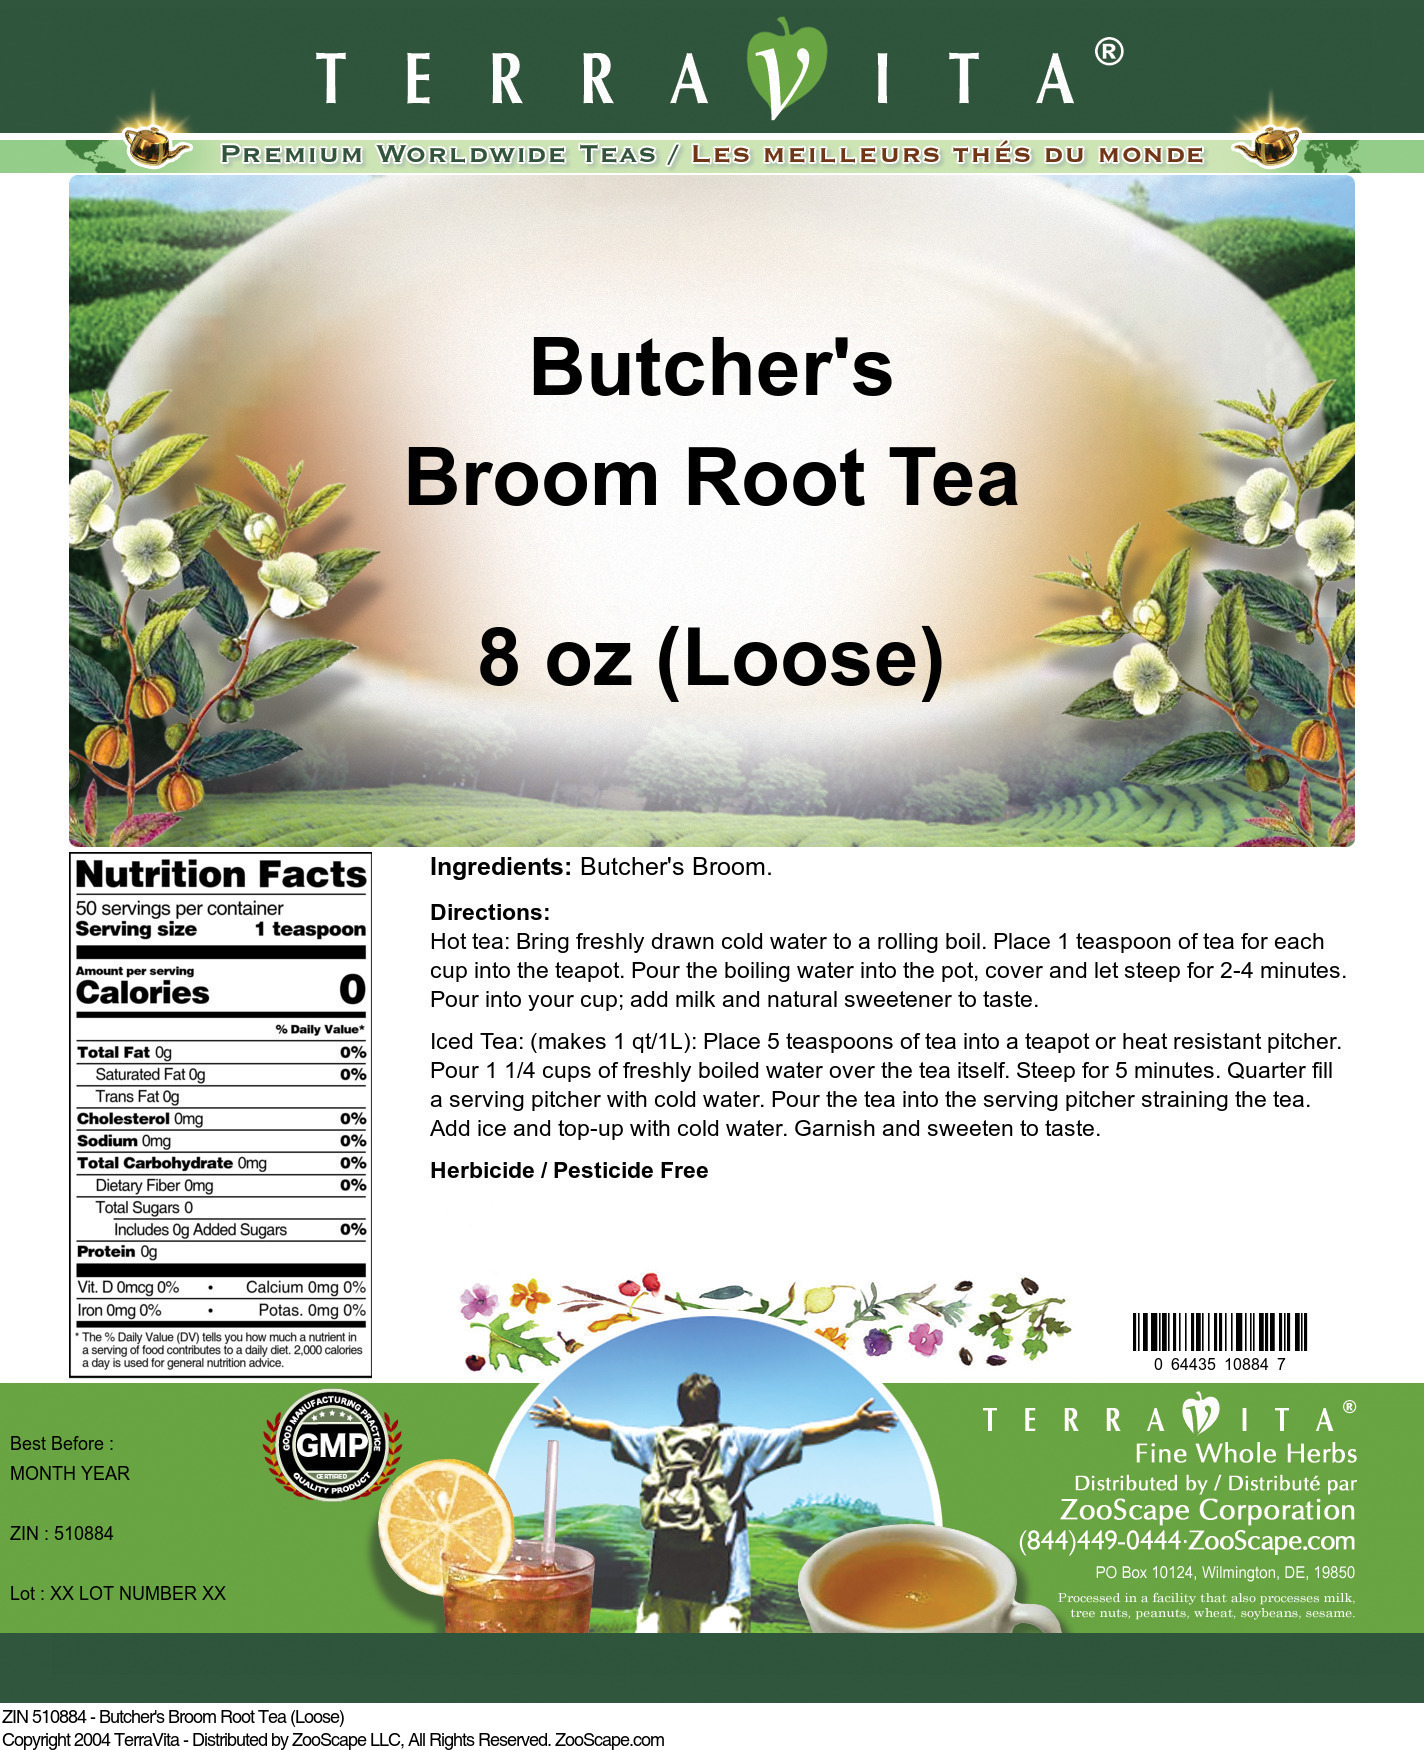 Butcher's Broom Root Tea (Loose)